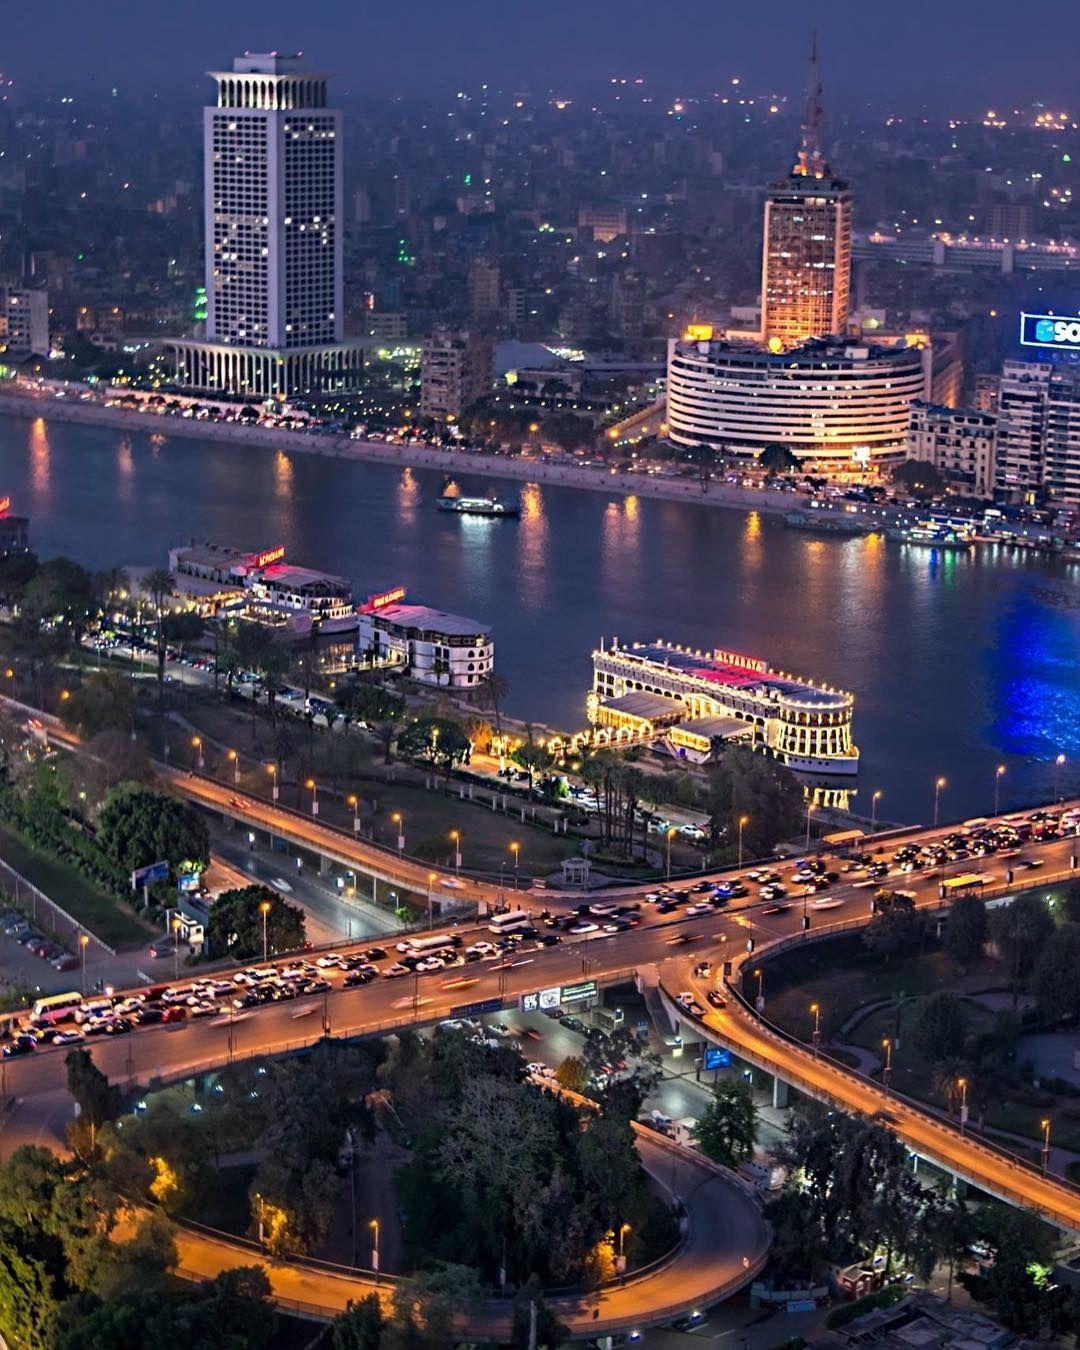 الارصاد: غدا طقس مائل للدفء نهارا على معظم الأنحاء والعظمى بالقاهرة 21